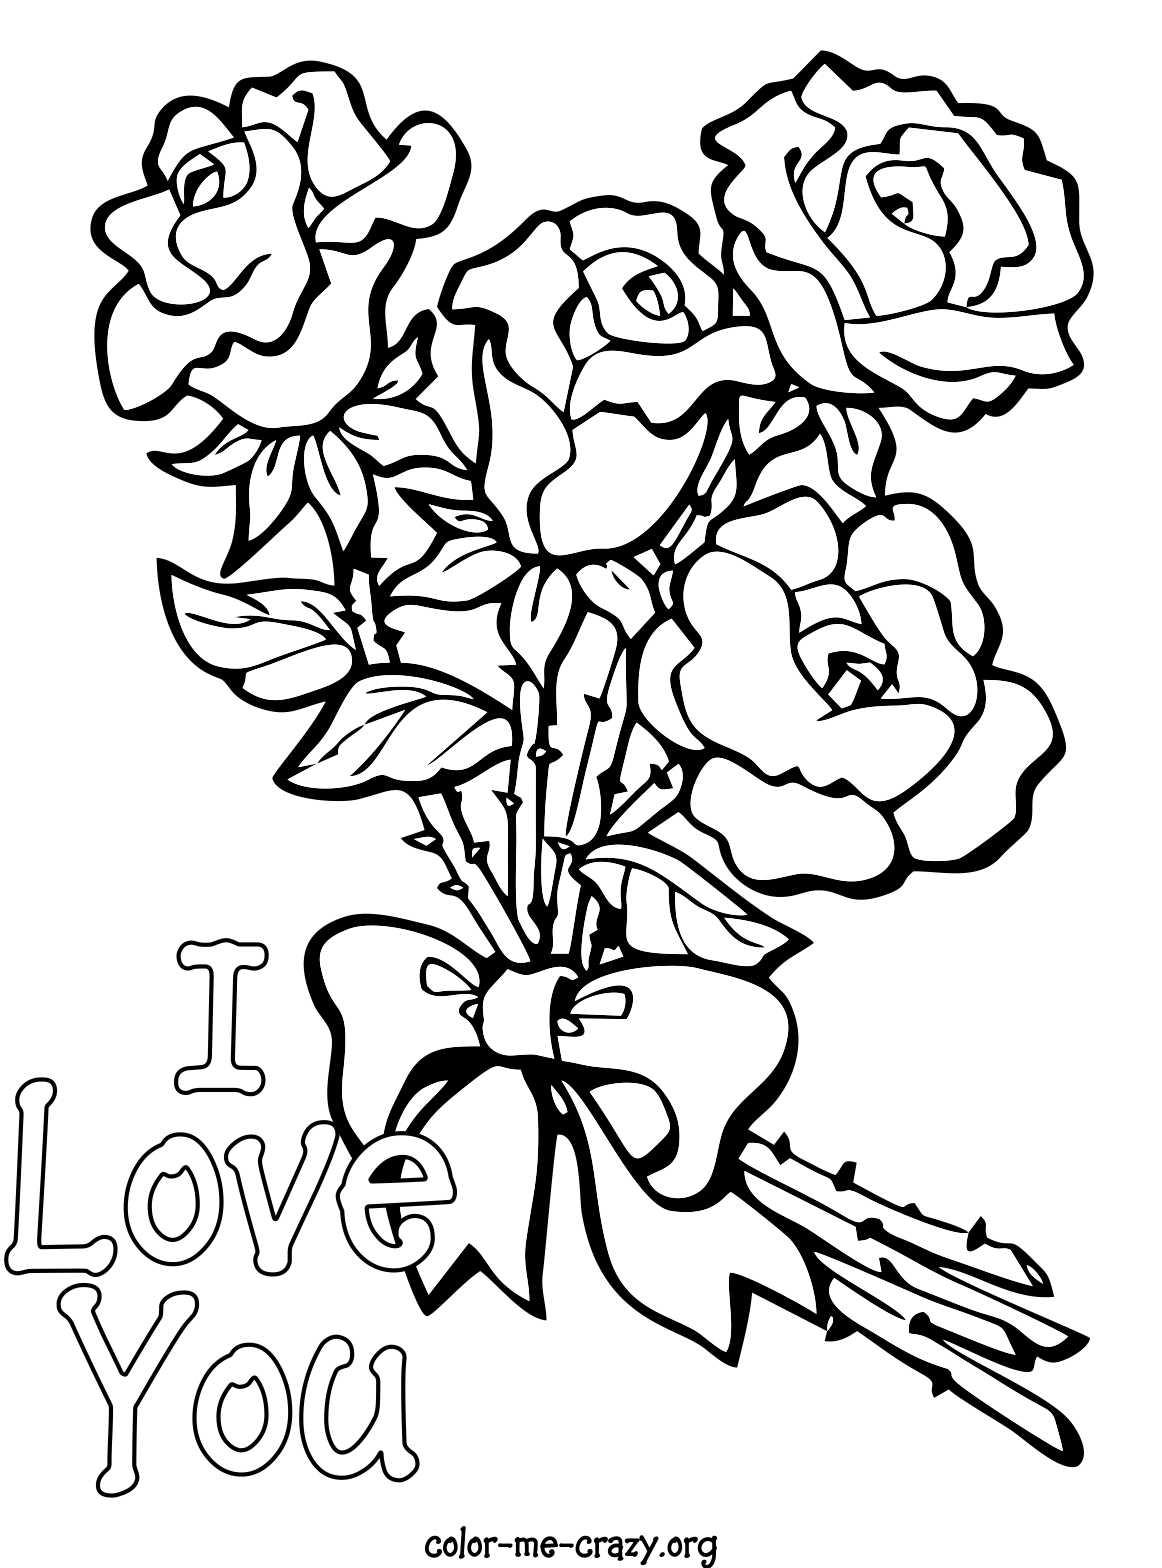 Colormecrazy Valentine Coloring Pages